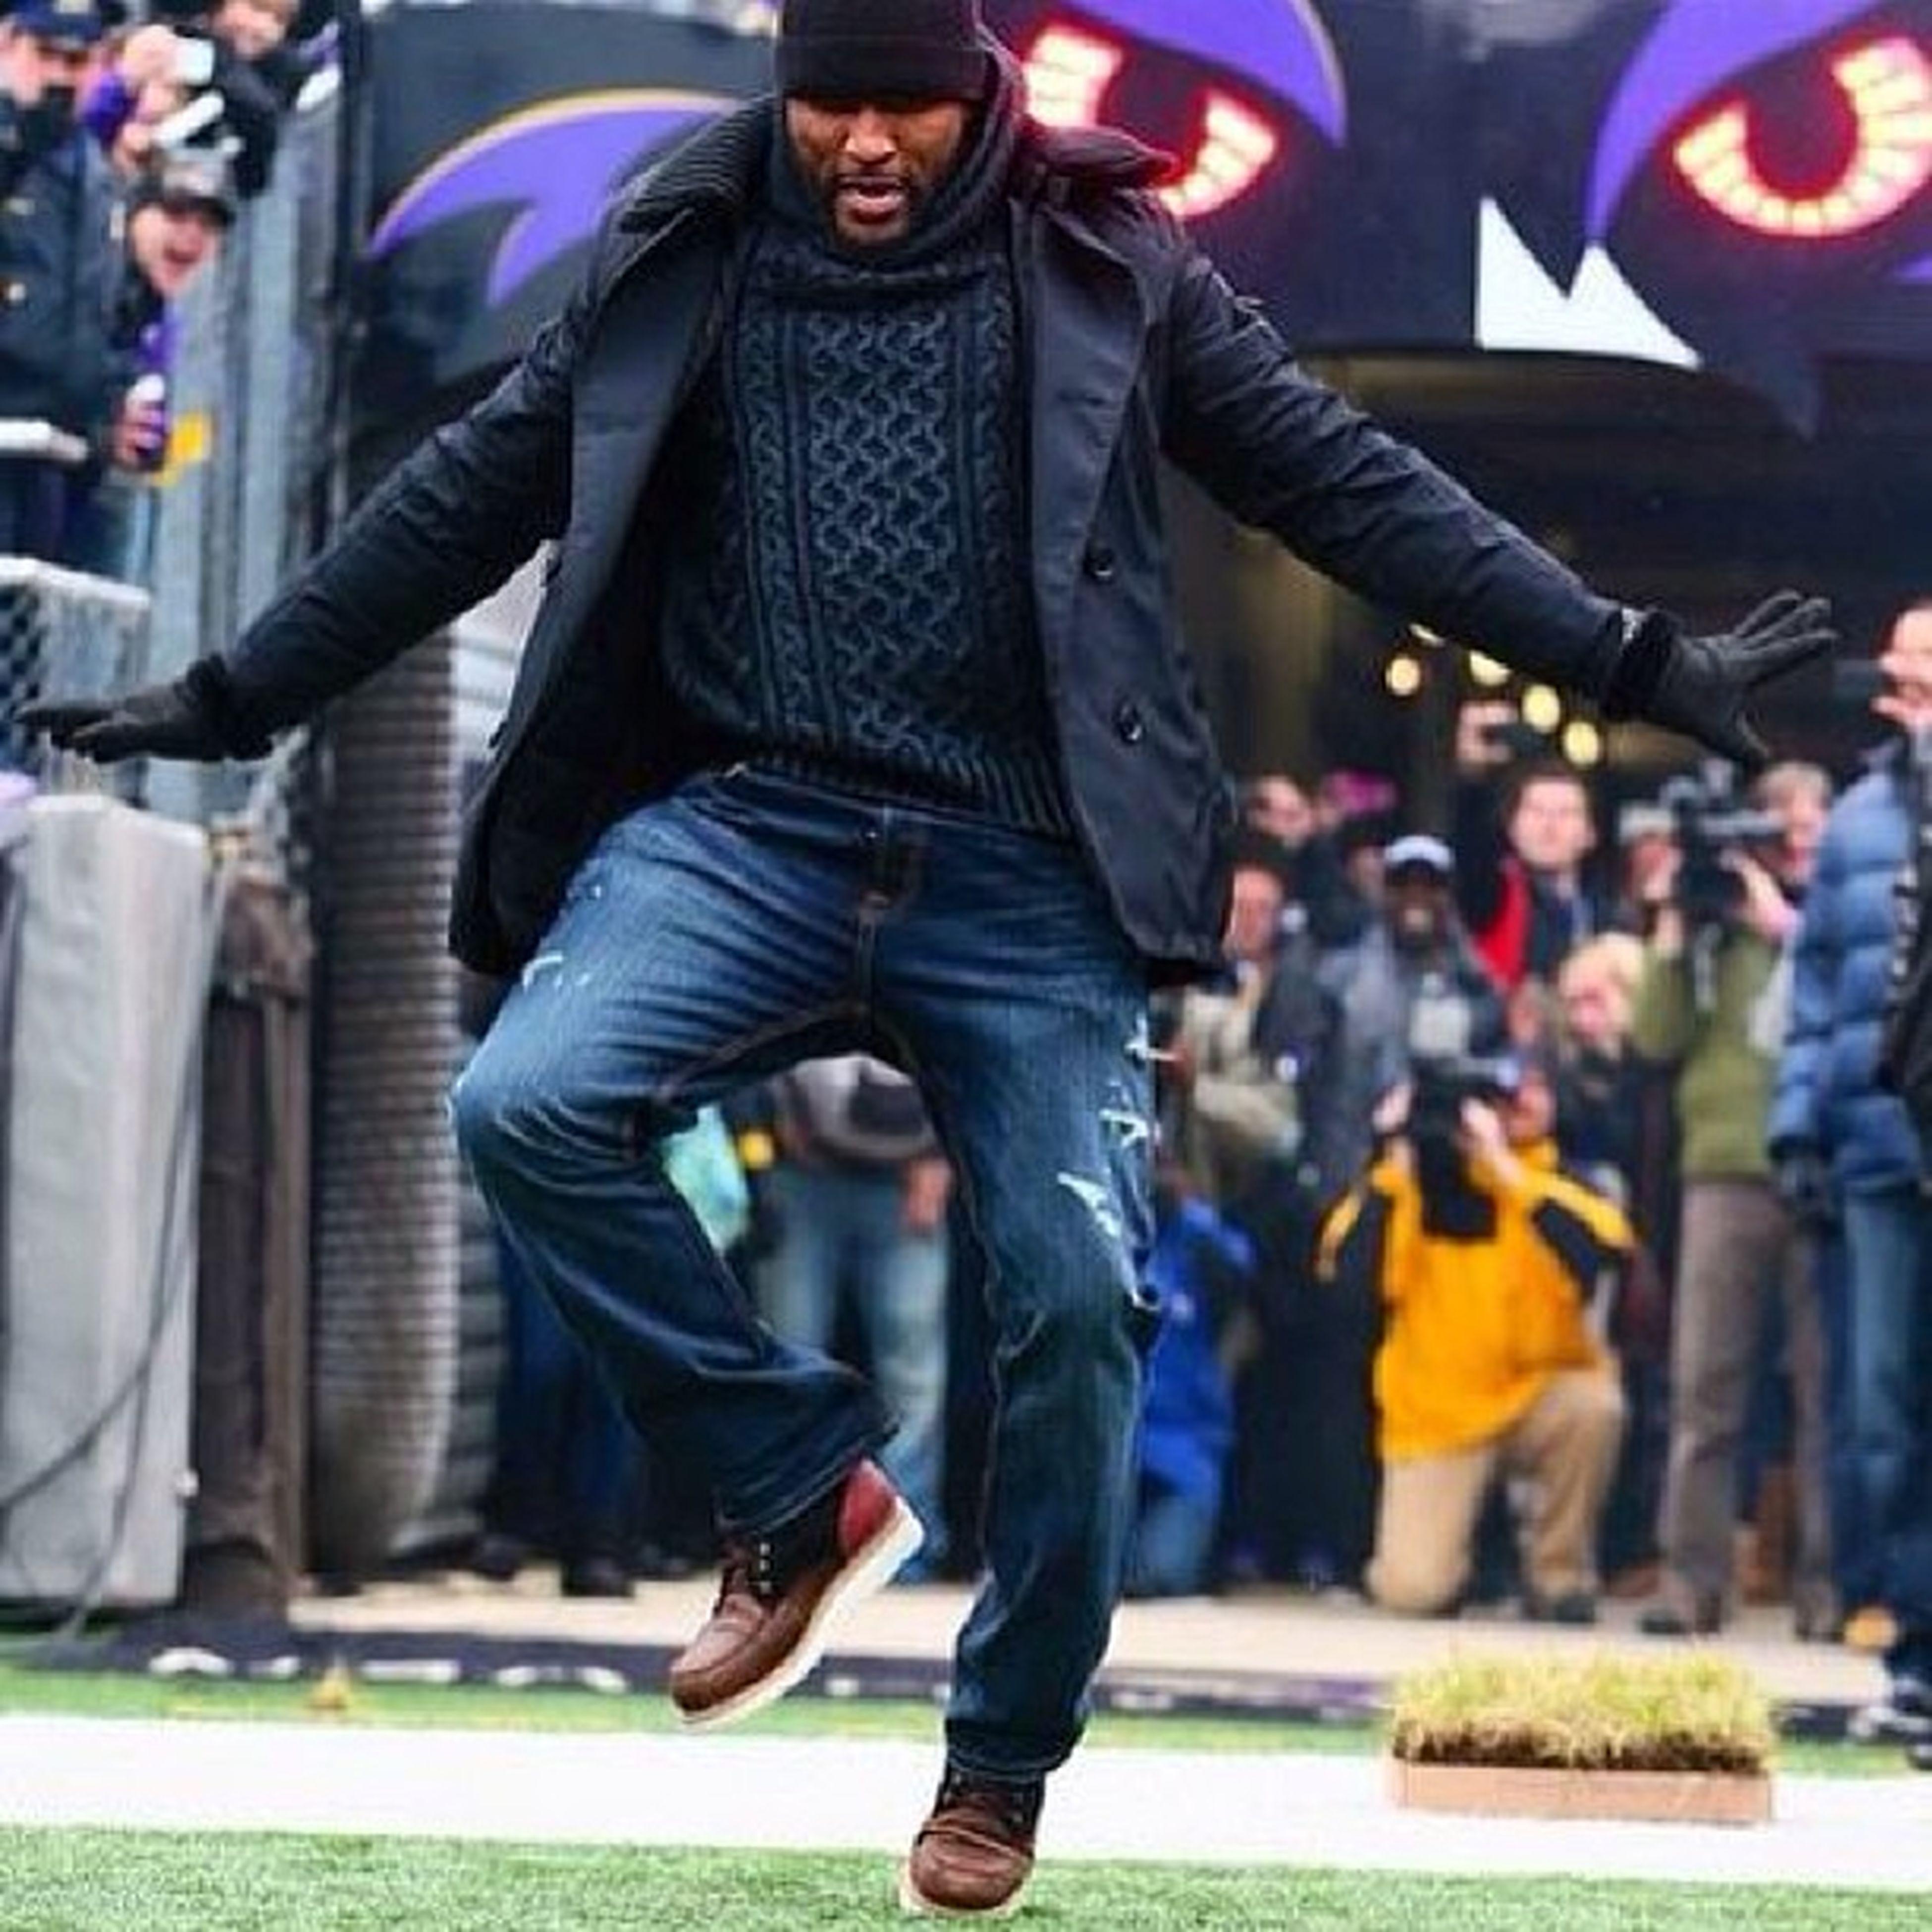 #ravenlewis #superbowl #ravens #baltimoreravens #pointerfootwear #brodie #pointerbrodie Superbowl Ravens Brodie BaltimoreRavens Pointerfootwear Ravenlewis Pointerbrodie